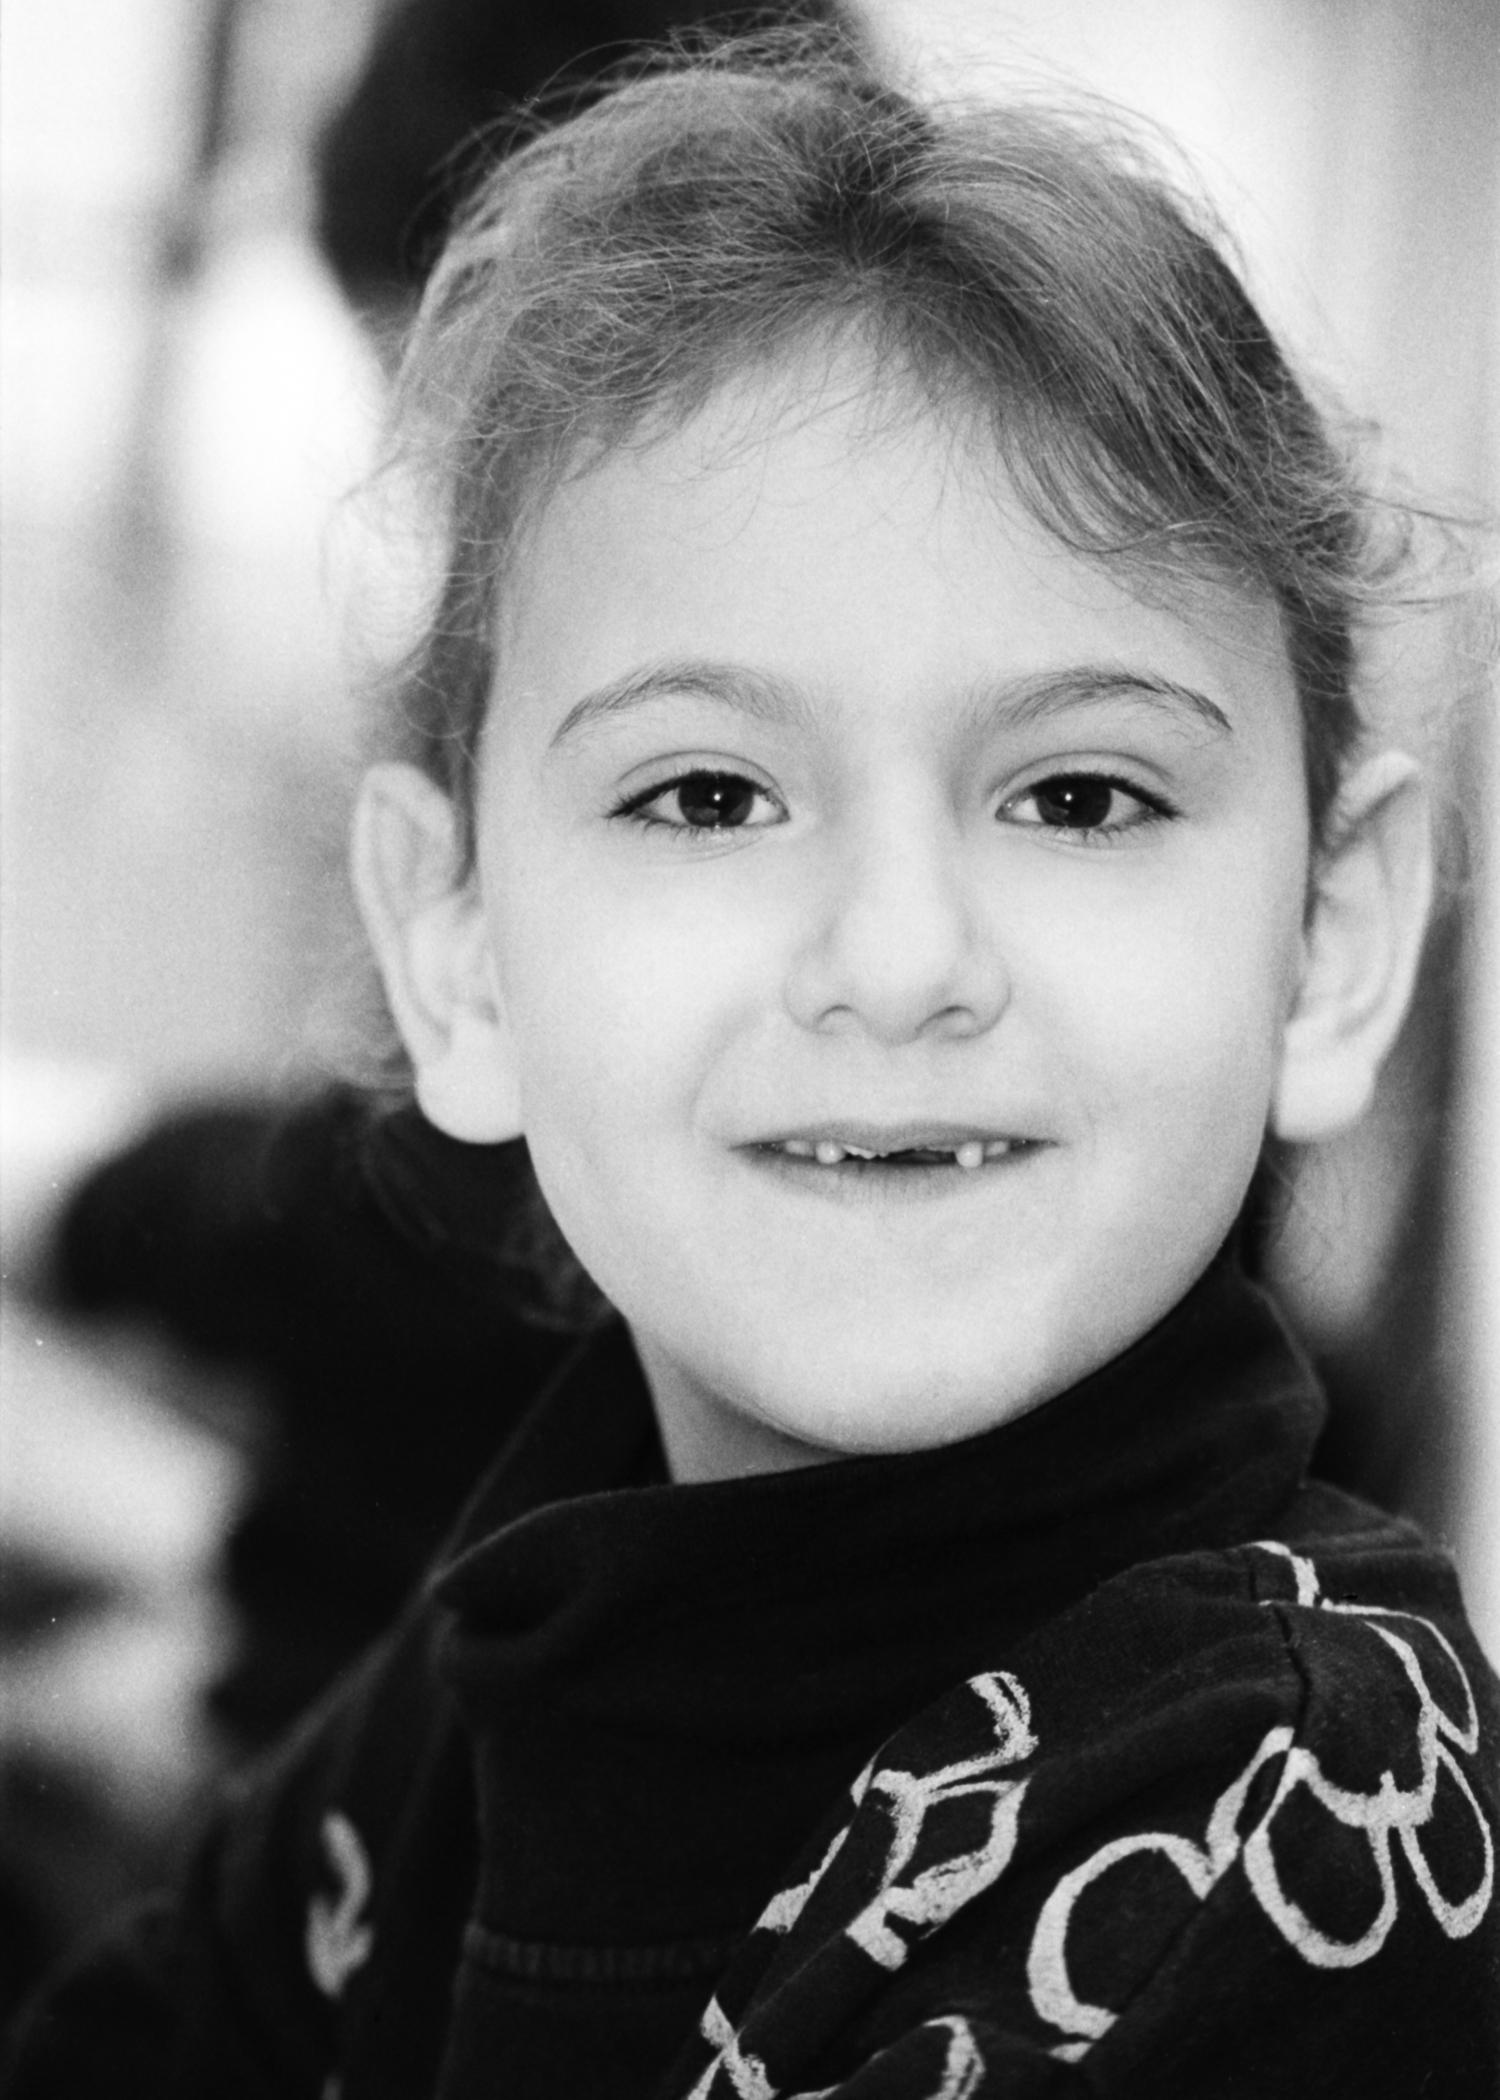 Erica'98